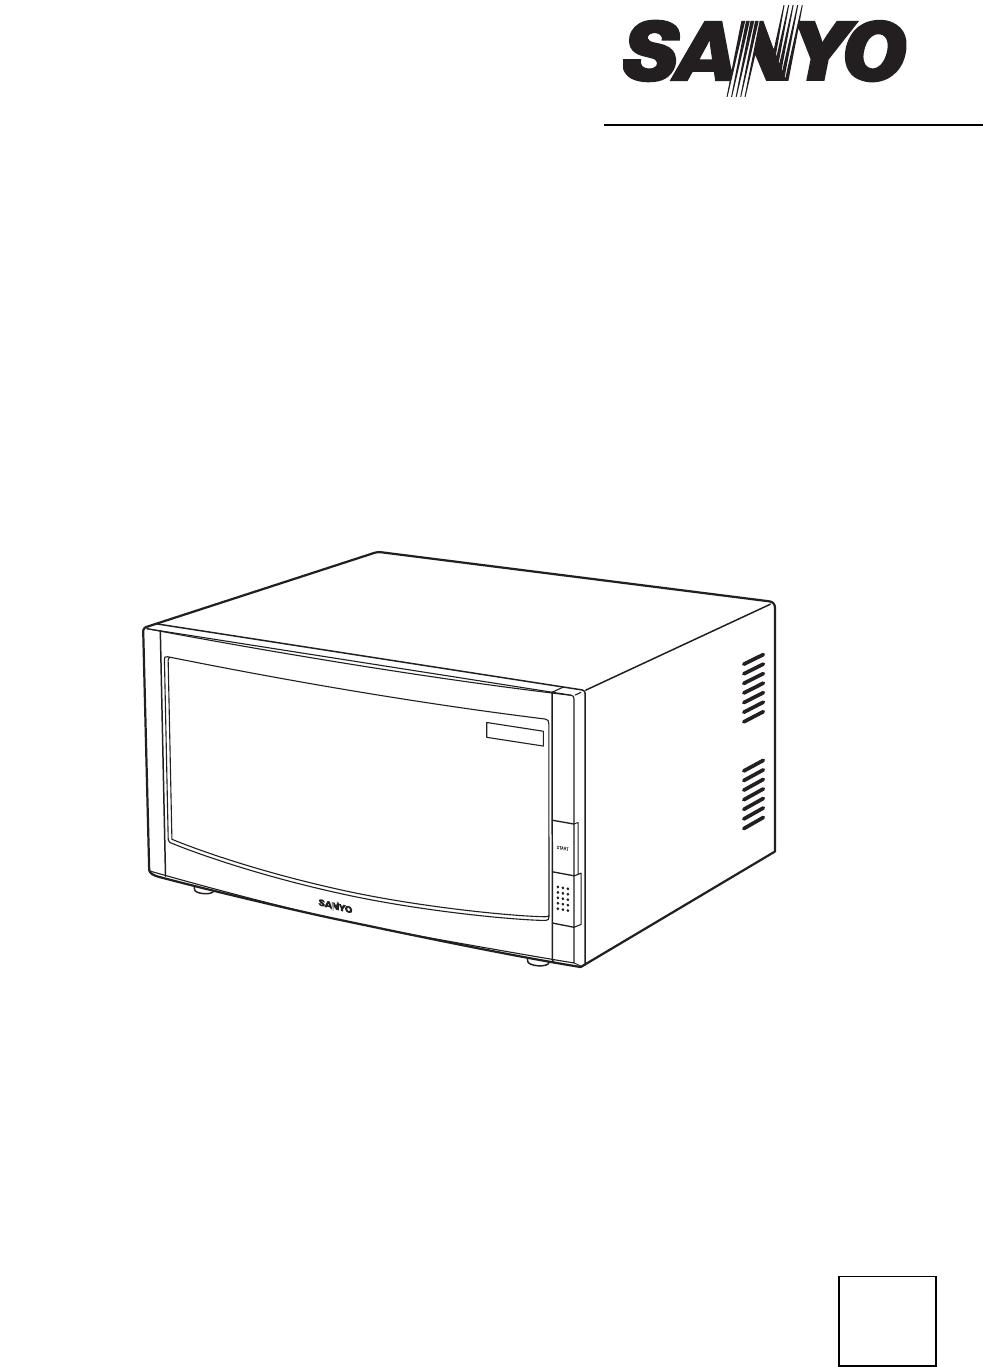 Manual Sanyo EM-FL10NG (16 sider)